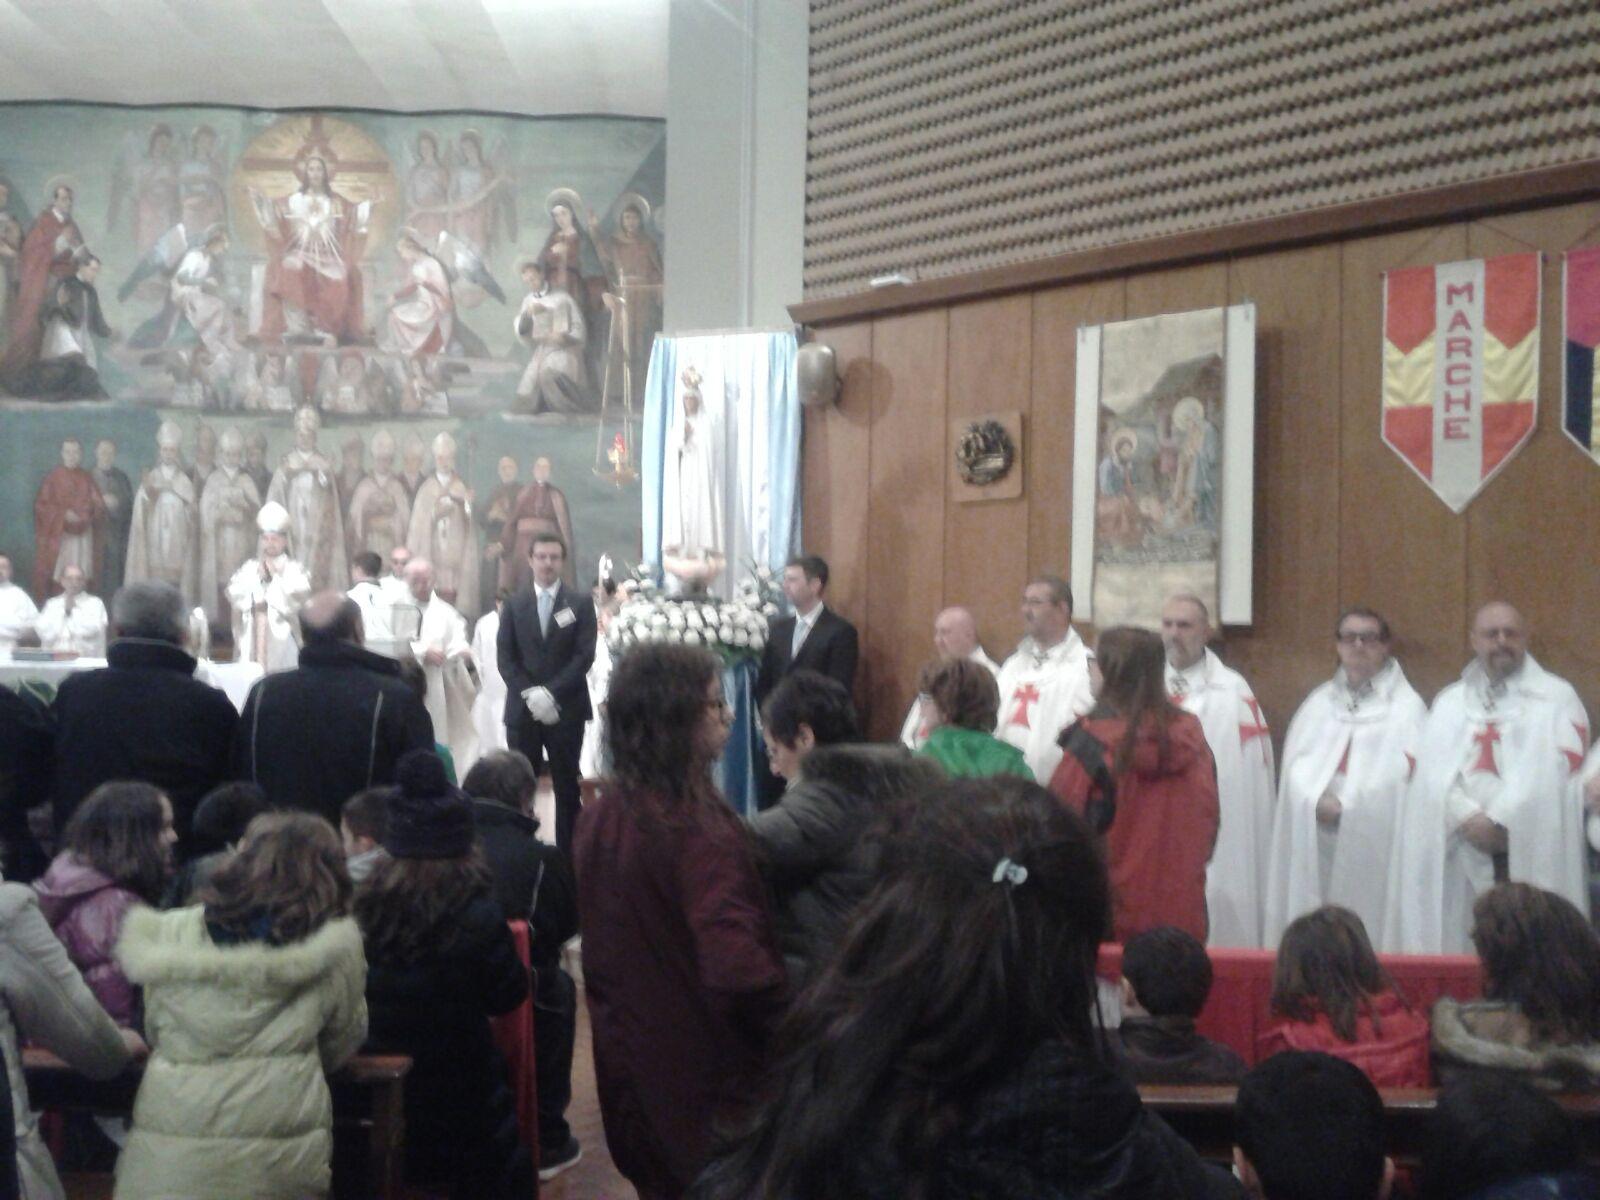 Nasza Pani Pielgrzymka z Fatimy w Vigevano z Mons. Stefano di Mauro